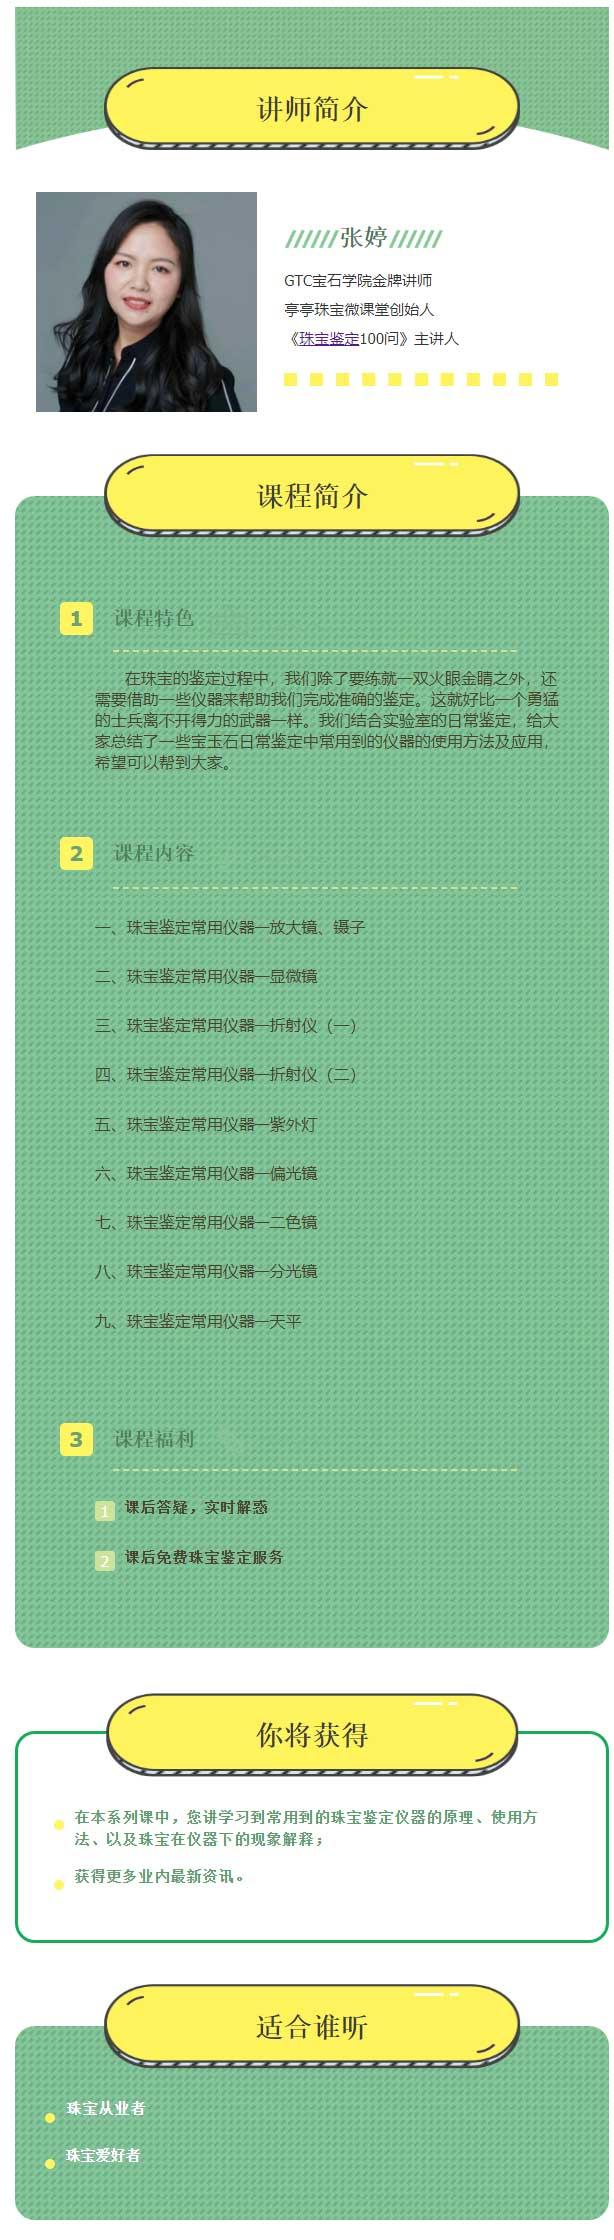 珠宝鉴定常用仪器---珠宝玉石鉴定师培训学校-翡翠和田课程学习班-GTC宝石学院(北京)